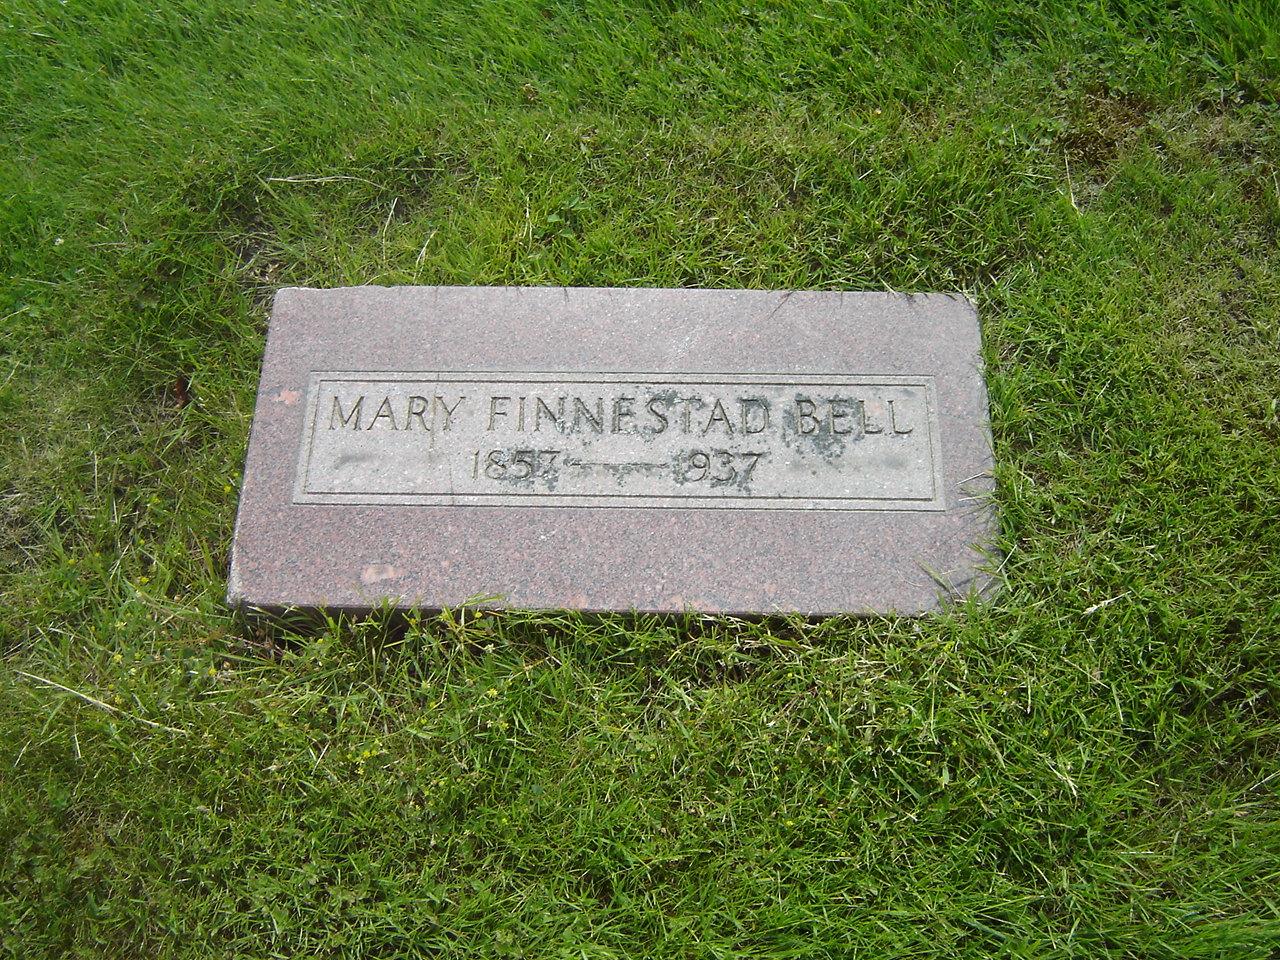 Mary <i>Olsdatter Finnestad</i> Bell